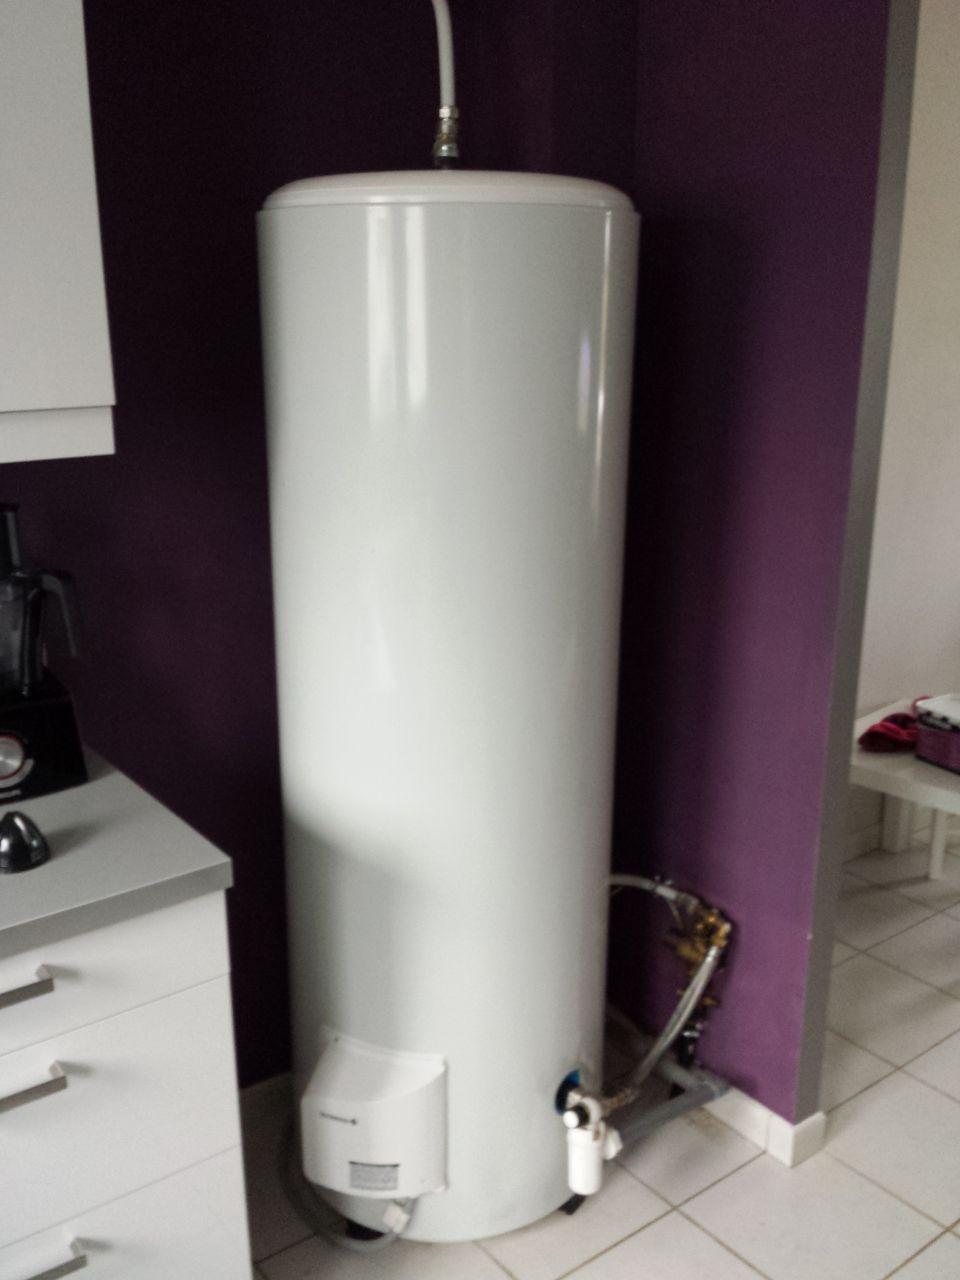 Aide creation placard pour cacher chauffe eau 22 messages - Comment cacher un chauffe eau ...